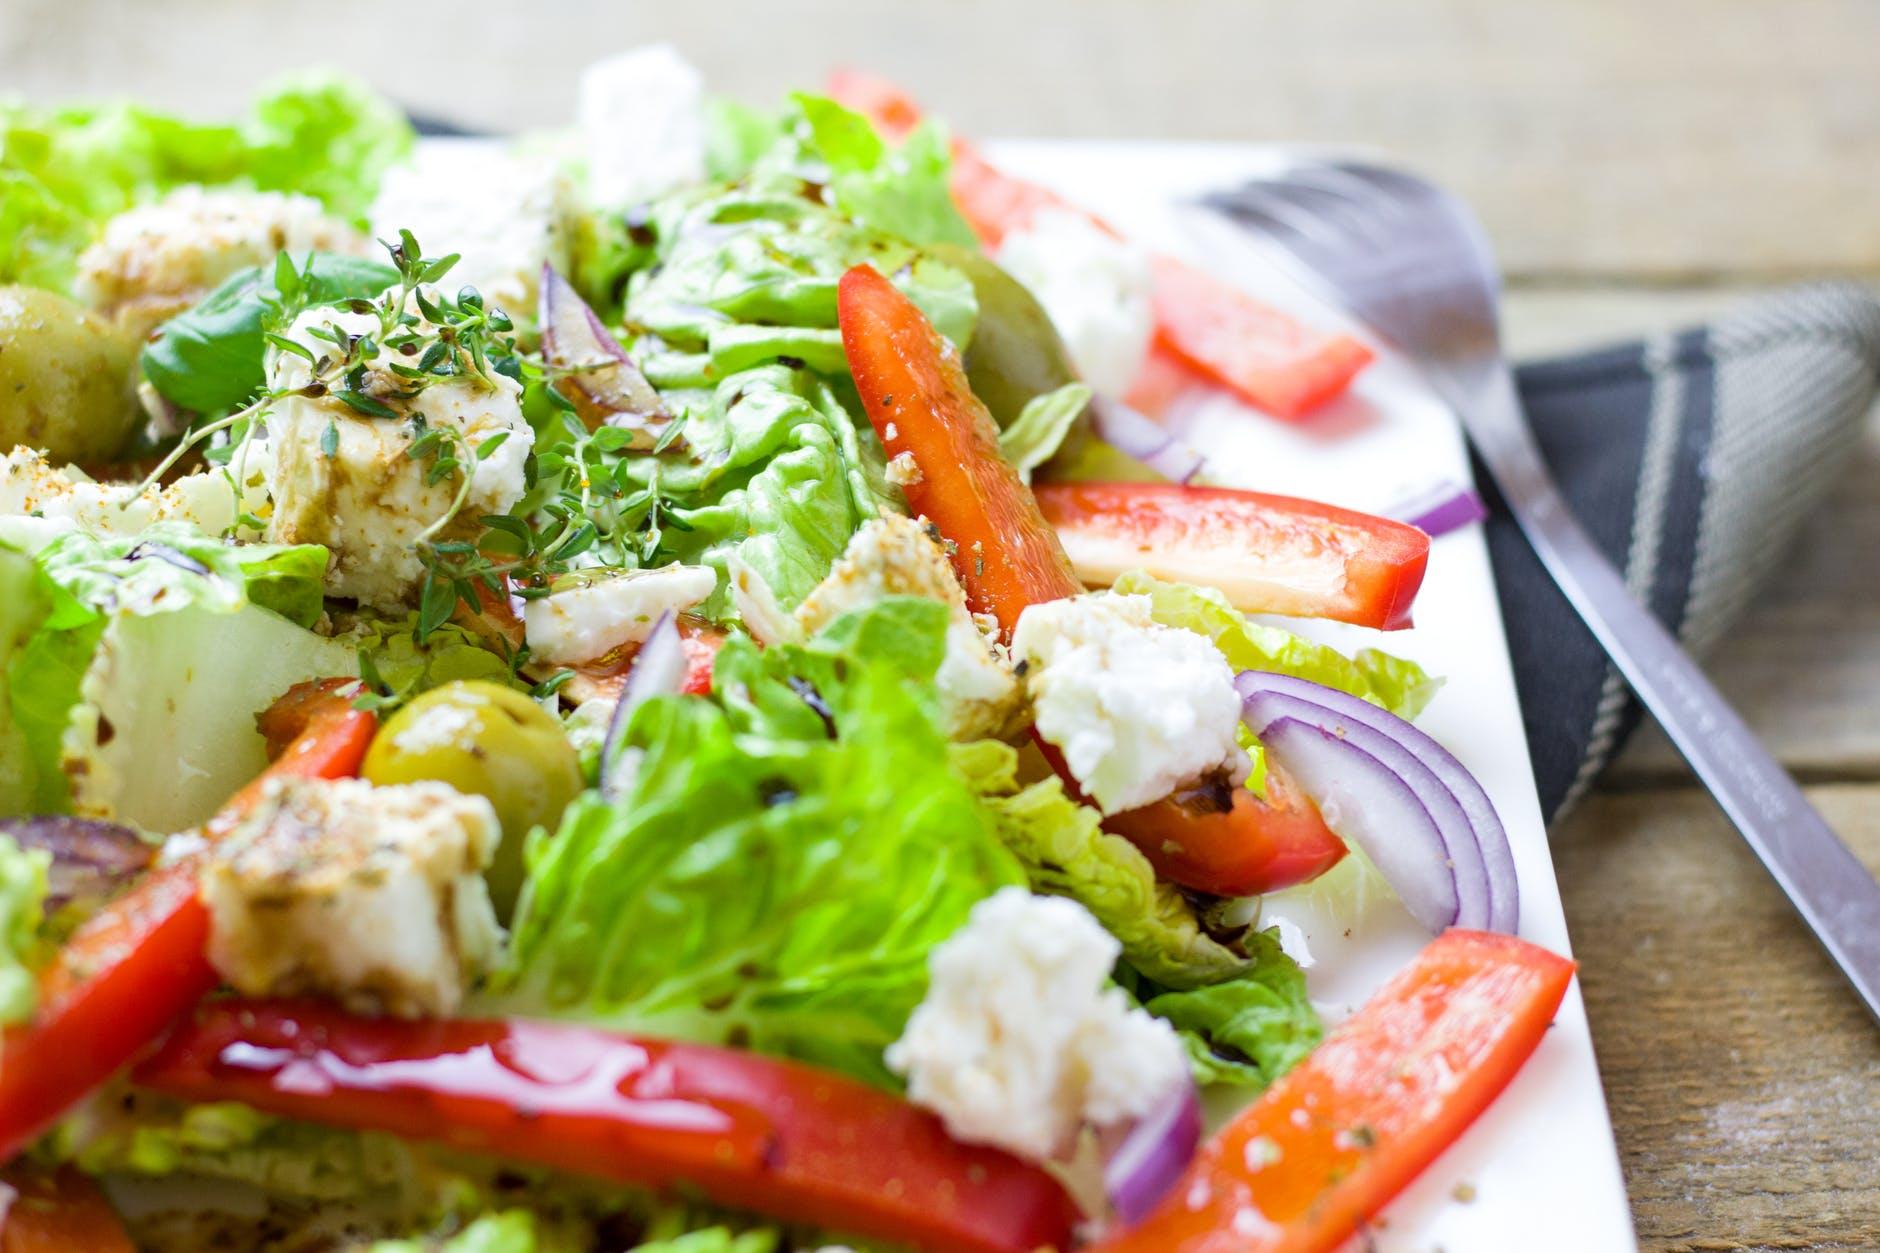 Easy dinner recipes, RECIPES WELLNESS